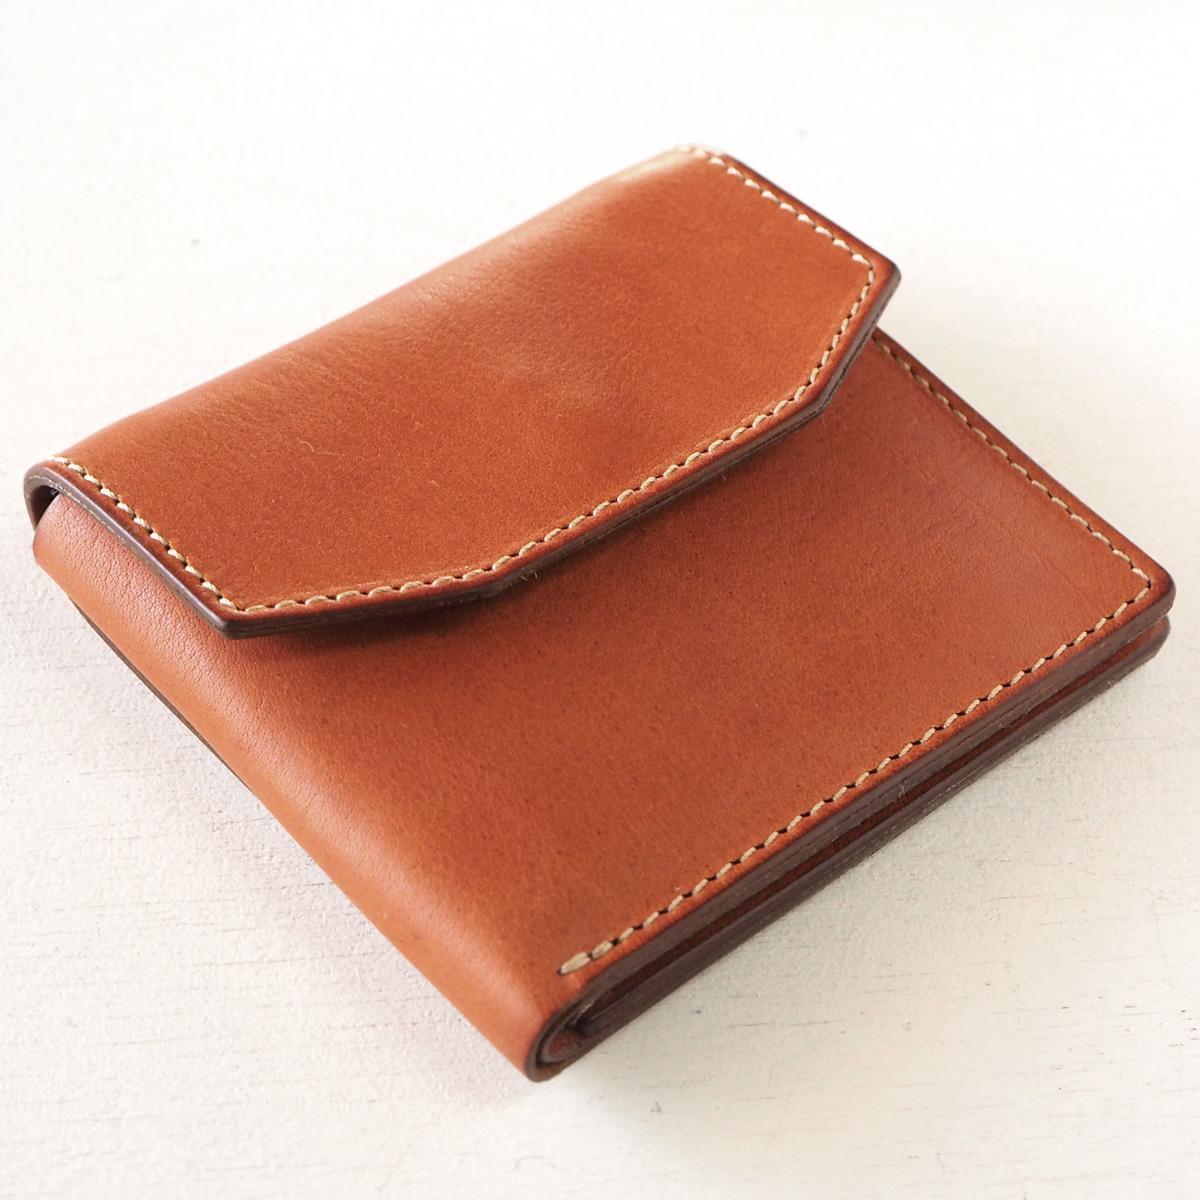 ANNAK(アナック) 栃木レザー コンパクト二つ折り ギャルソンウォレット オールレザー ベージュ[AK16TA-B0054-BEG] 2つ折り財布 レザーウォレット 革財布 革製品 革小物